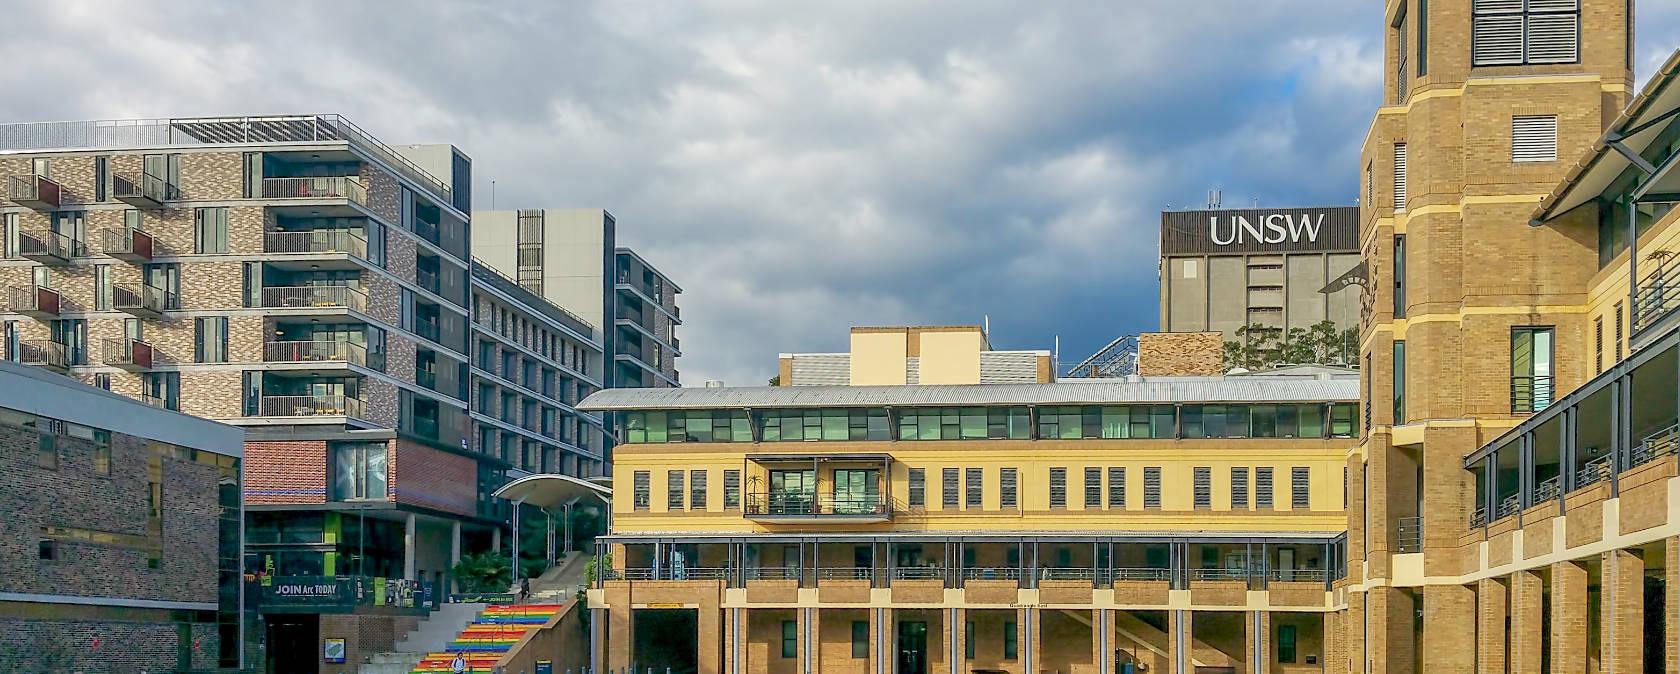 University of NSW campus